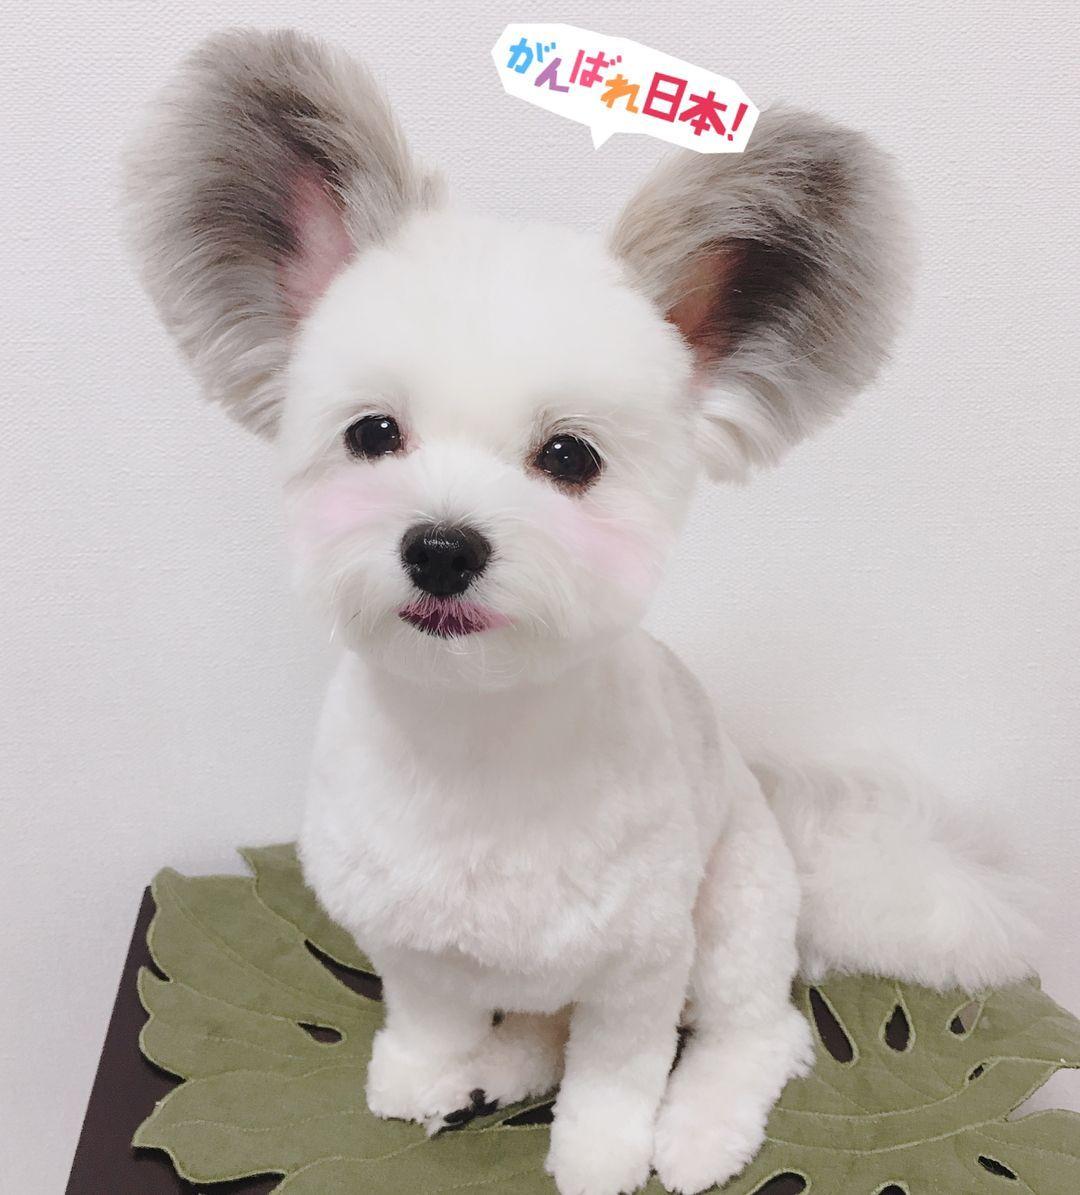 トリミング行ってきました 今回は最短6mmカット 浴衣を着せてもらいました 似合ってるかな トリミング マイクロバブル ハーブパック マルパピ まるぱぴ マルチーズ パピヨン 犬 イヌ わんこ かわいい ふわもこ 子犬 仔犬 小型犬 ミックス犬 Mix Mix ゴマ Goma ゴマち